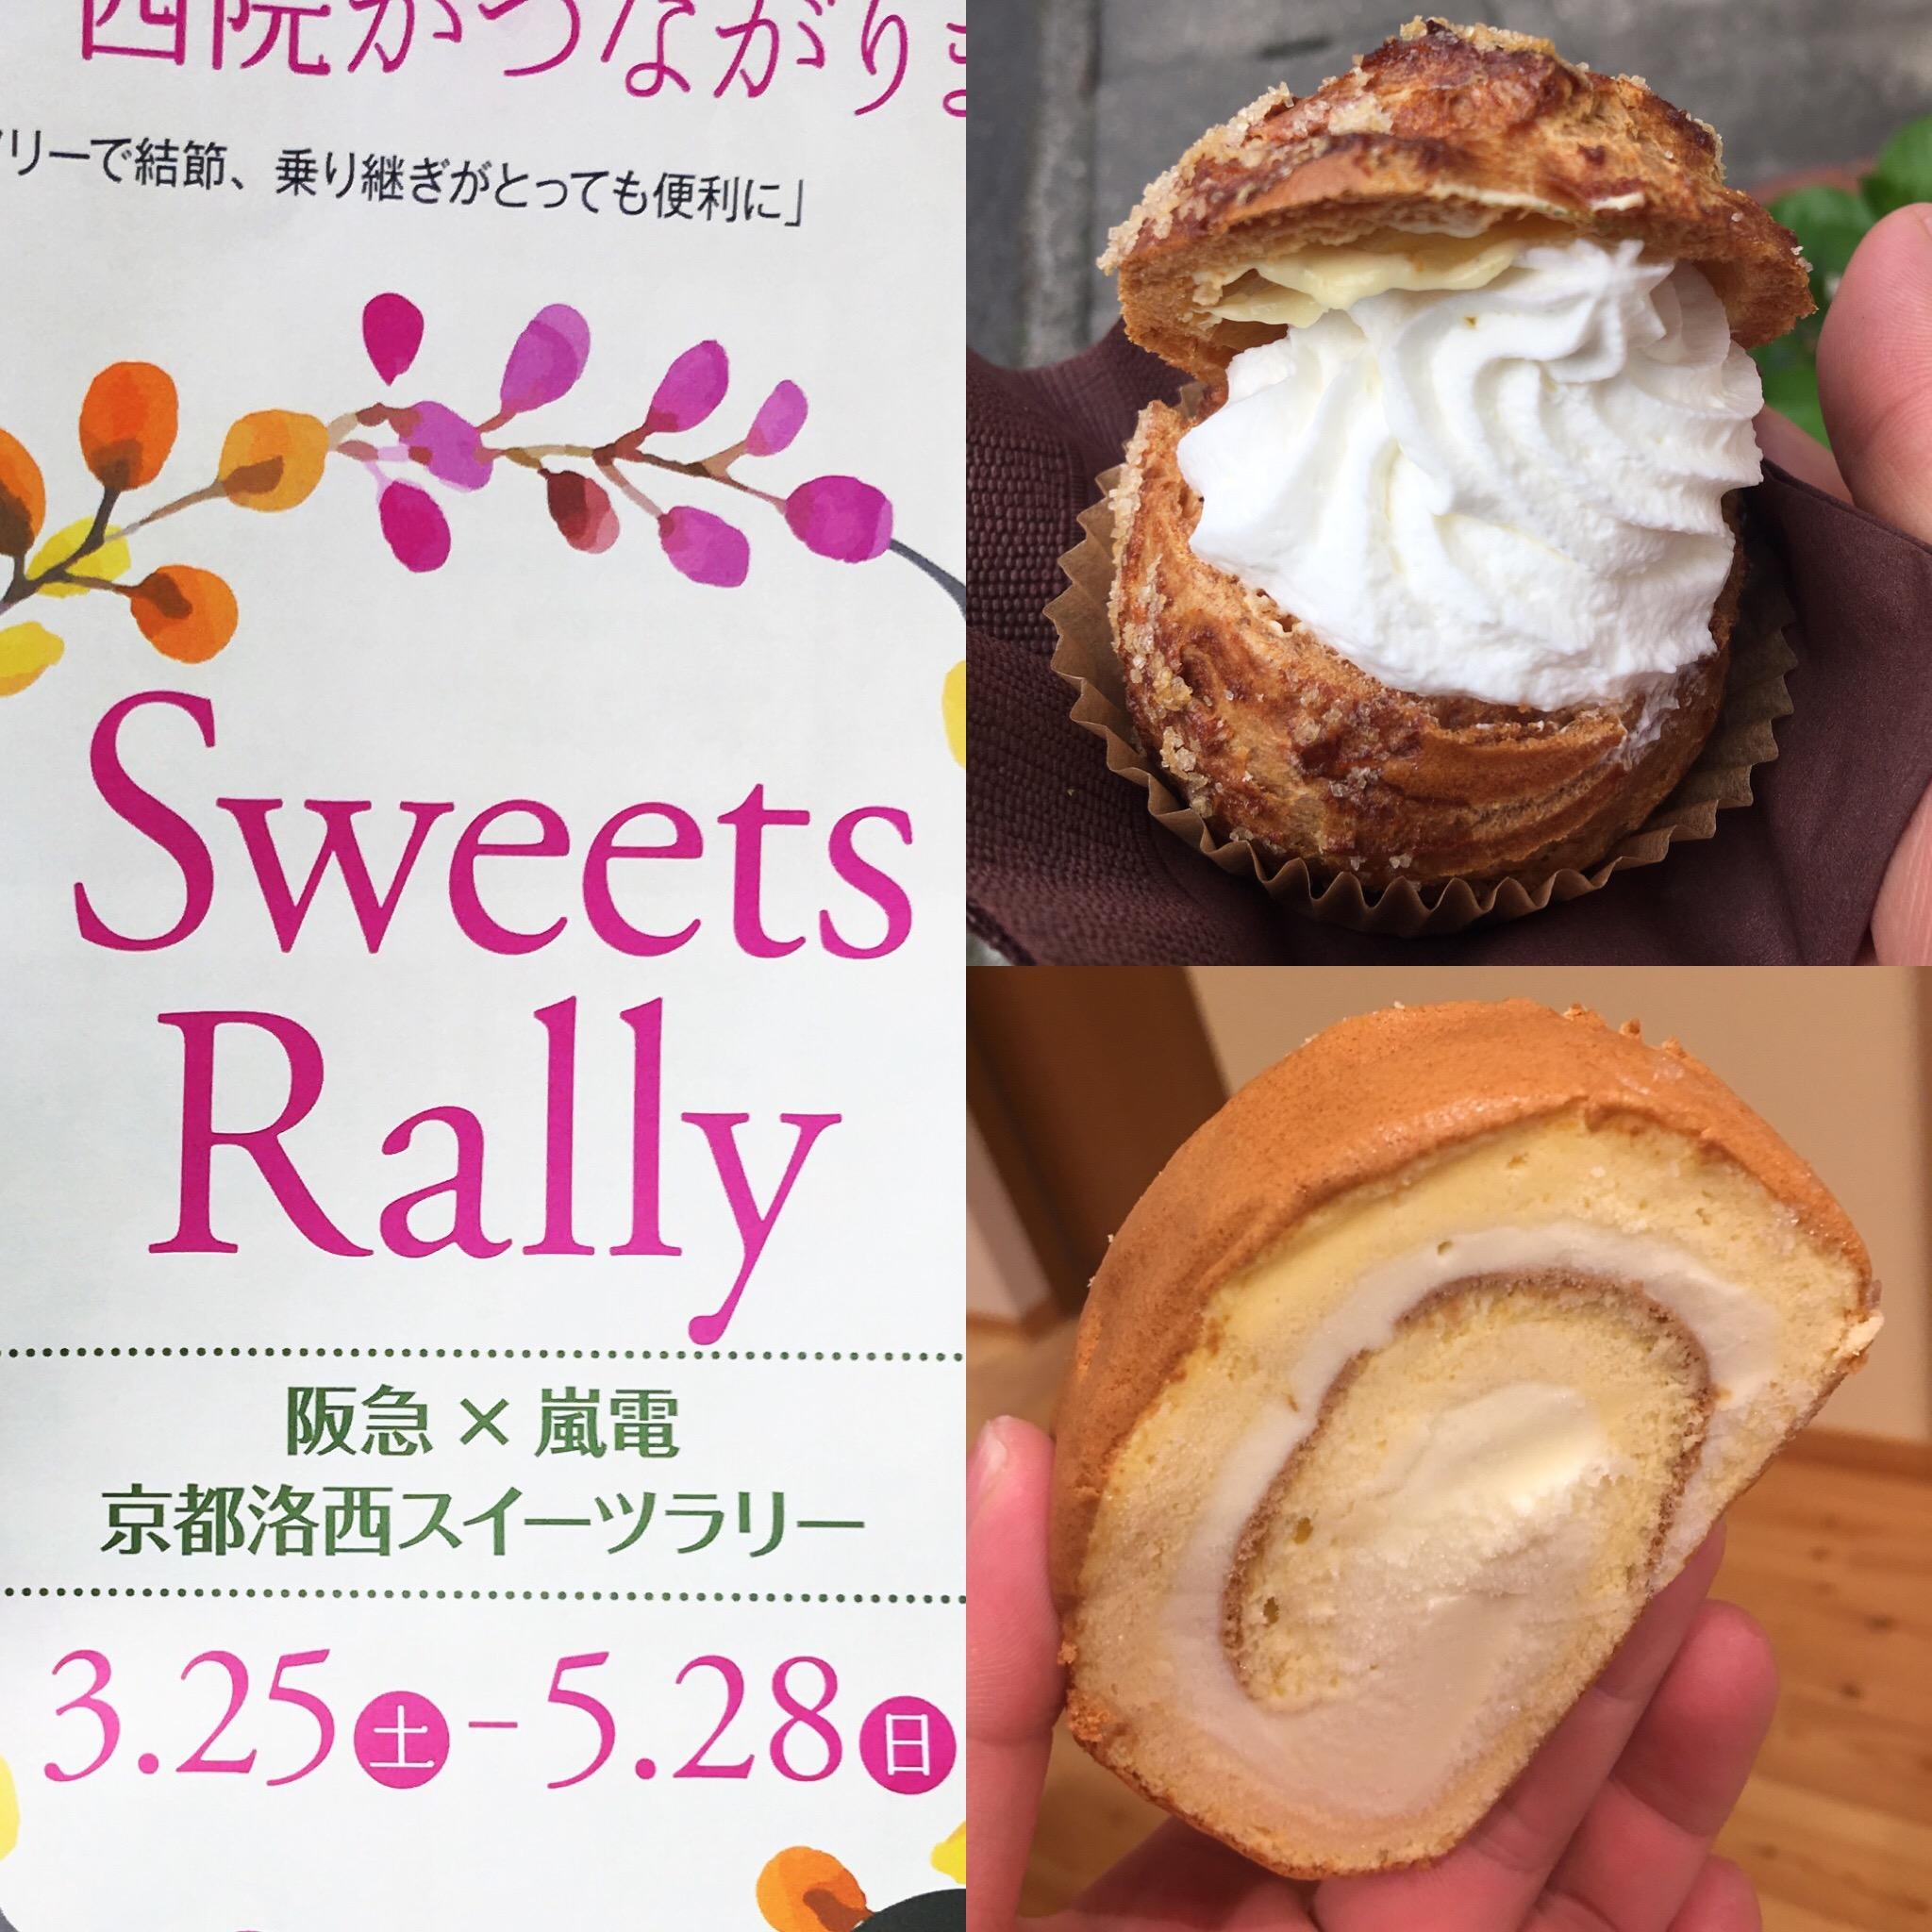 http://n-ko.jp/staffblog/2017/05/20/20170520_070609000_iOS.jpg